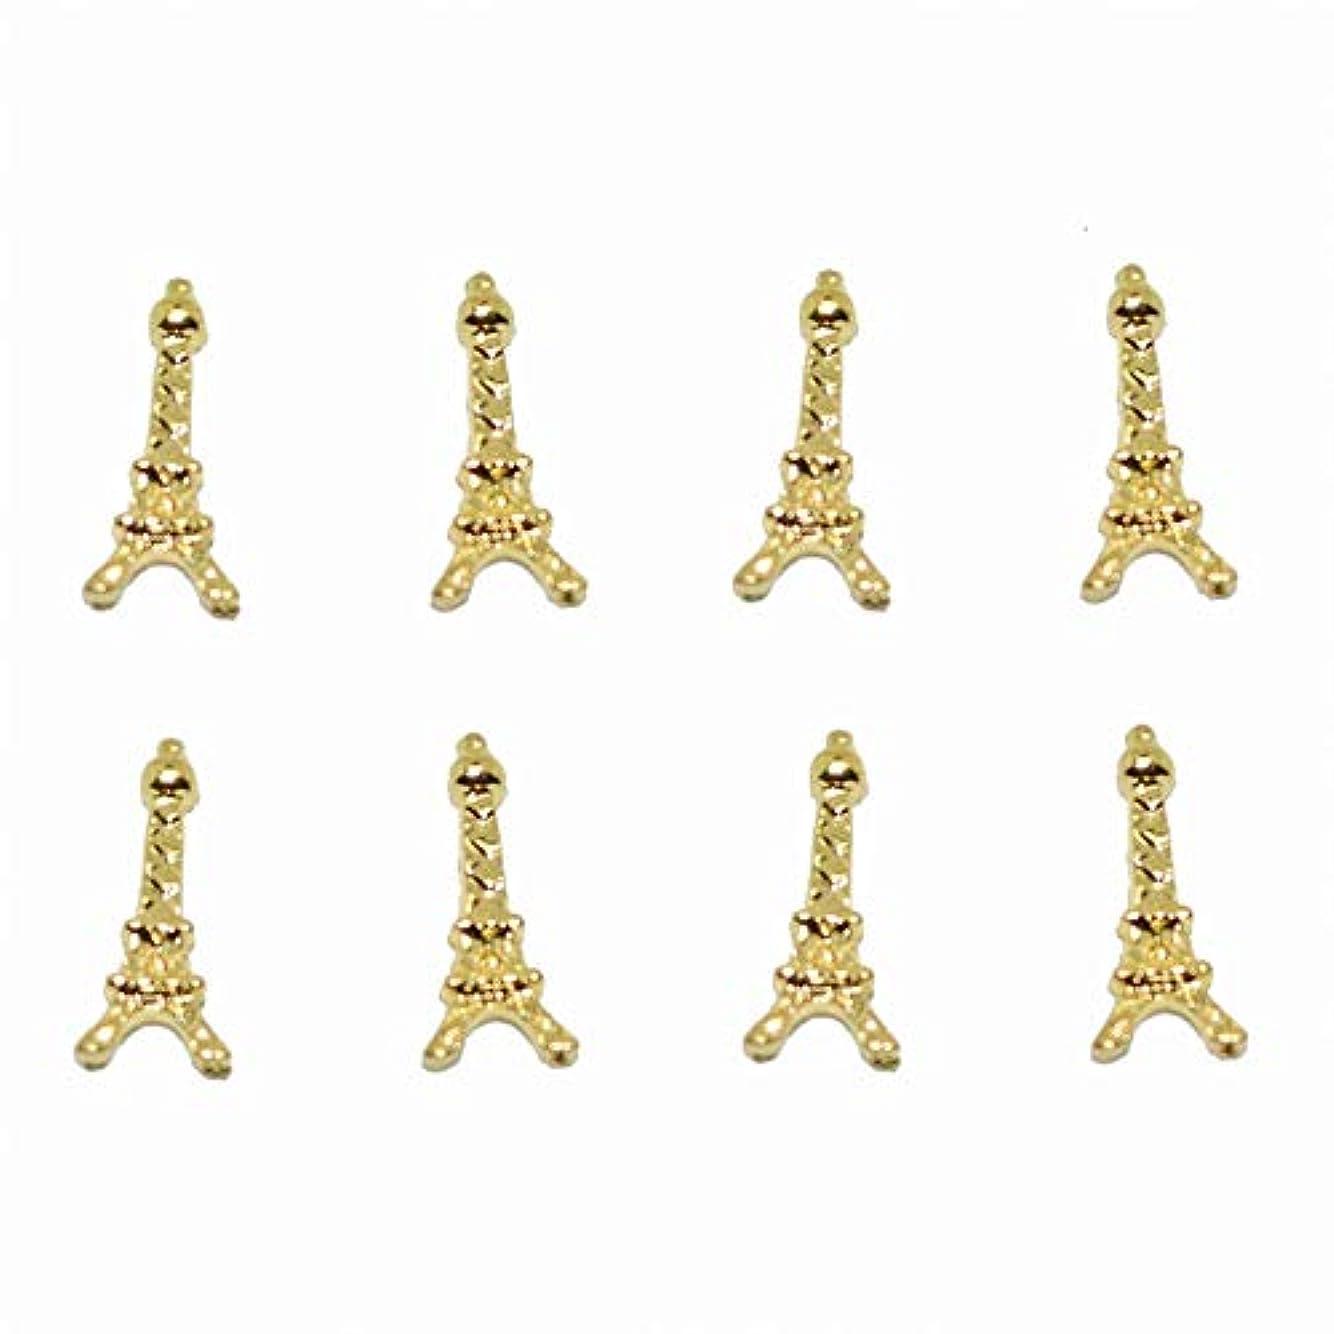 100ピース新しいゴールドエッフェル塔3Dネイルアート装飾合金ネイルチャーム、ネイルラインストーンネイル用品